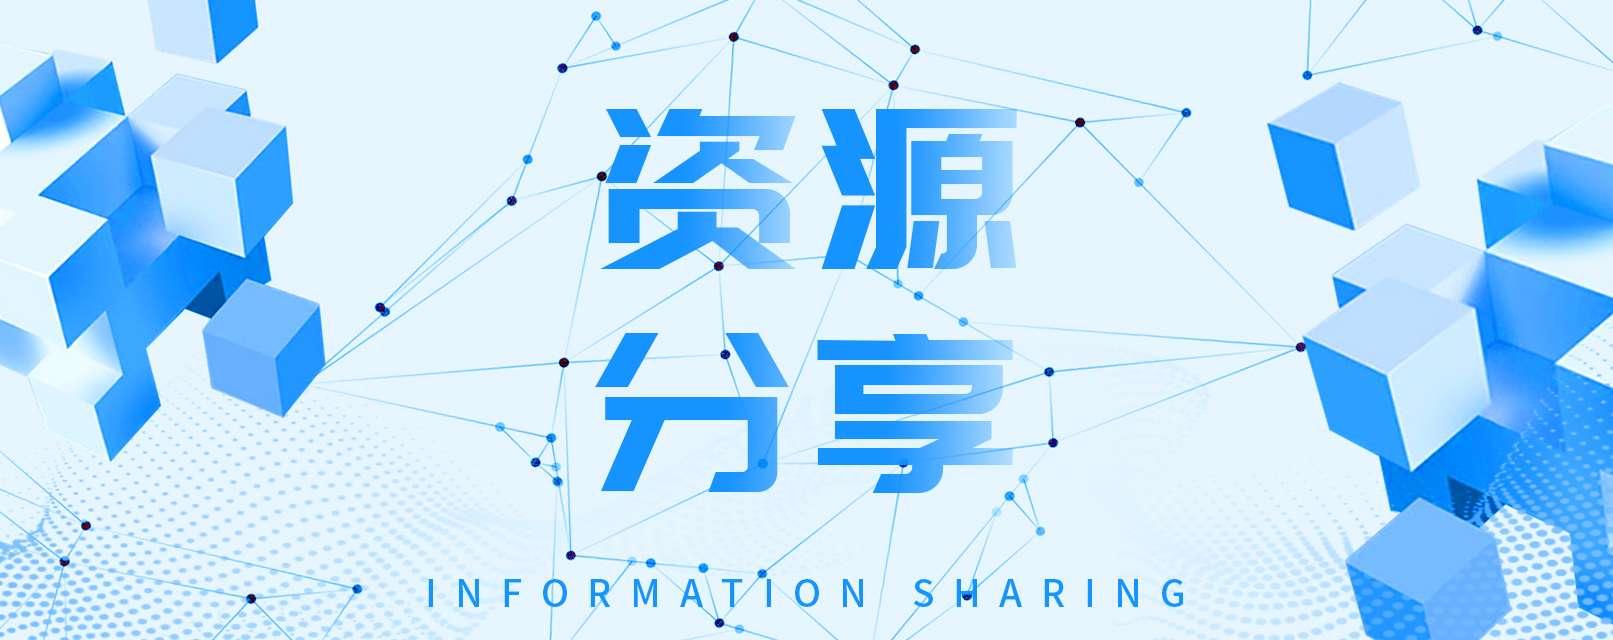 【资源分享】网络万能表(手机也能当做万能表啦)